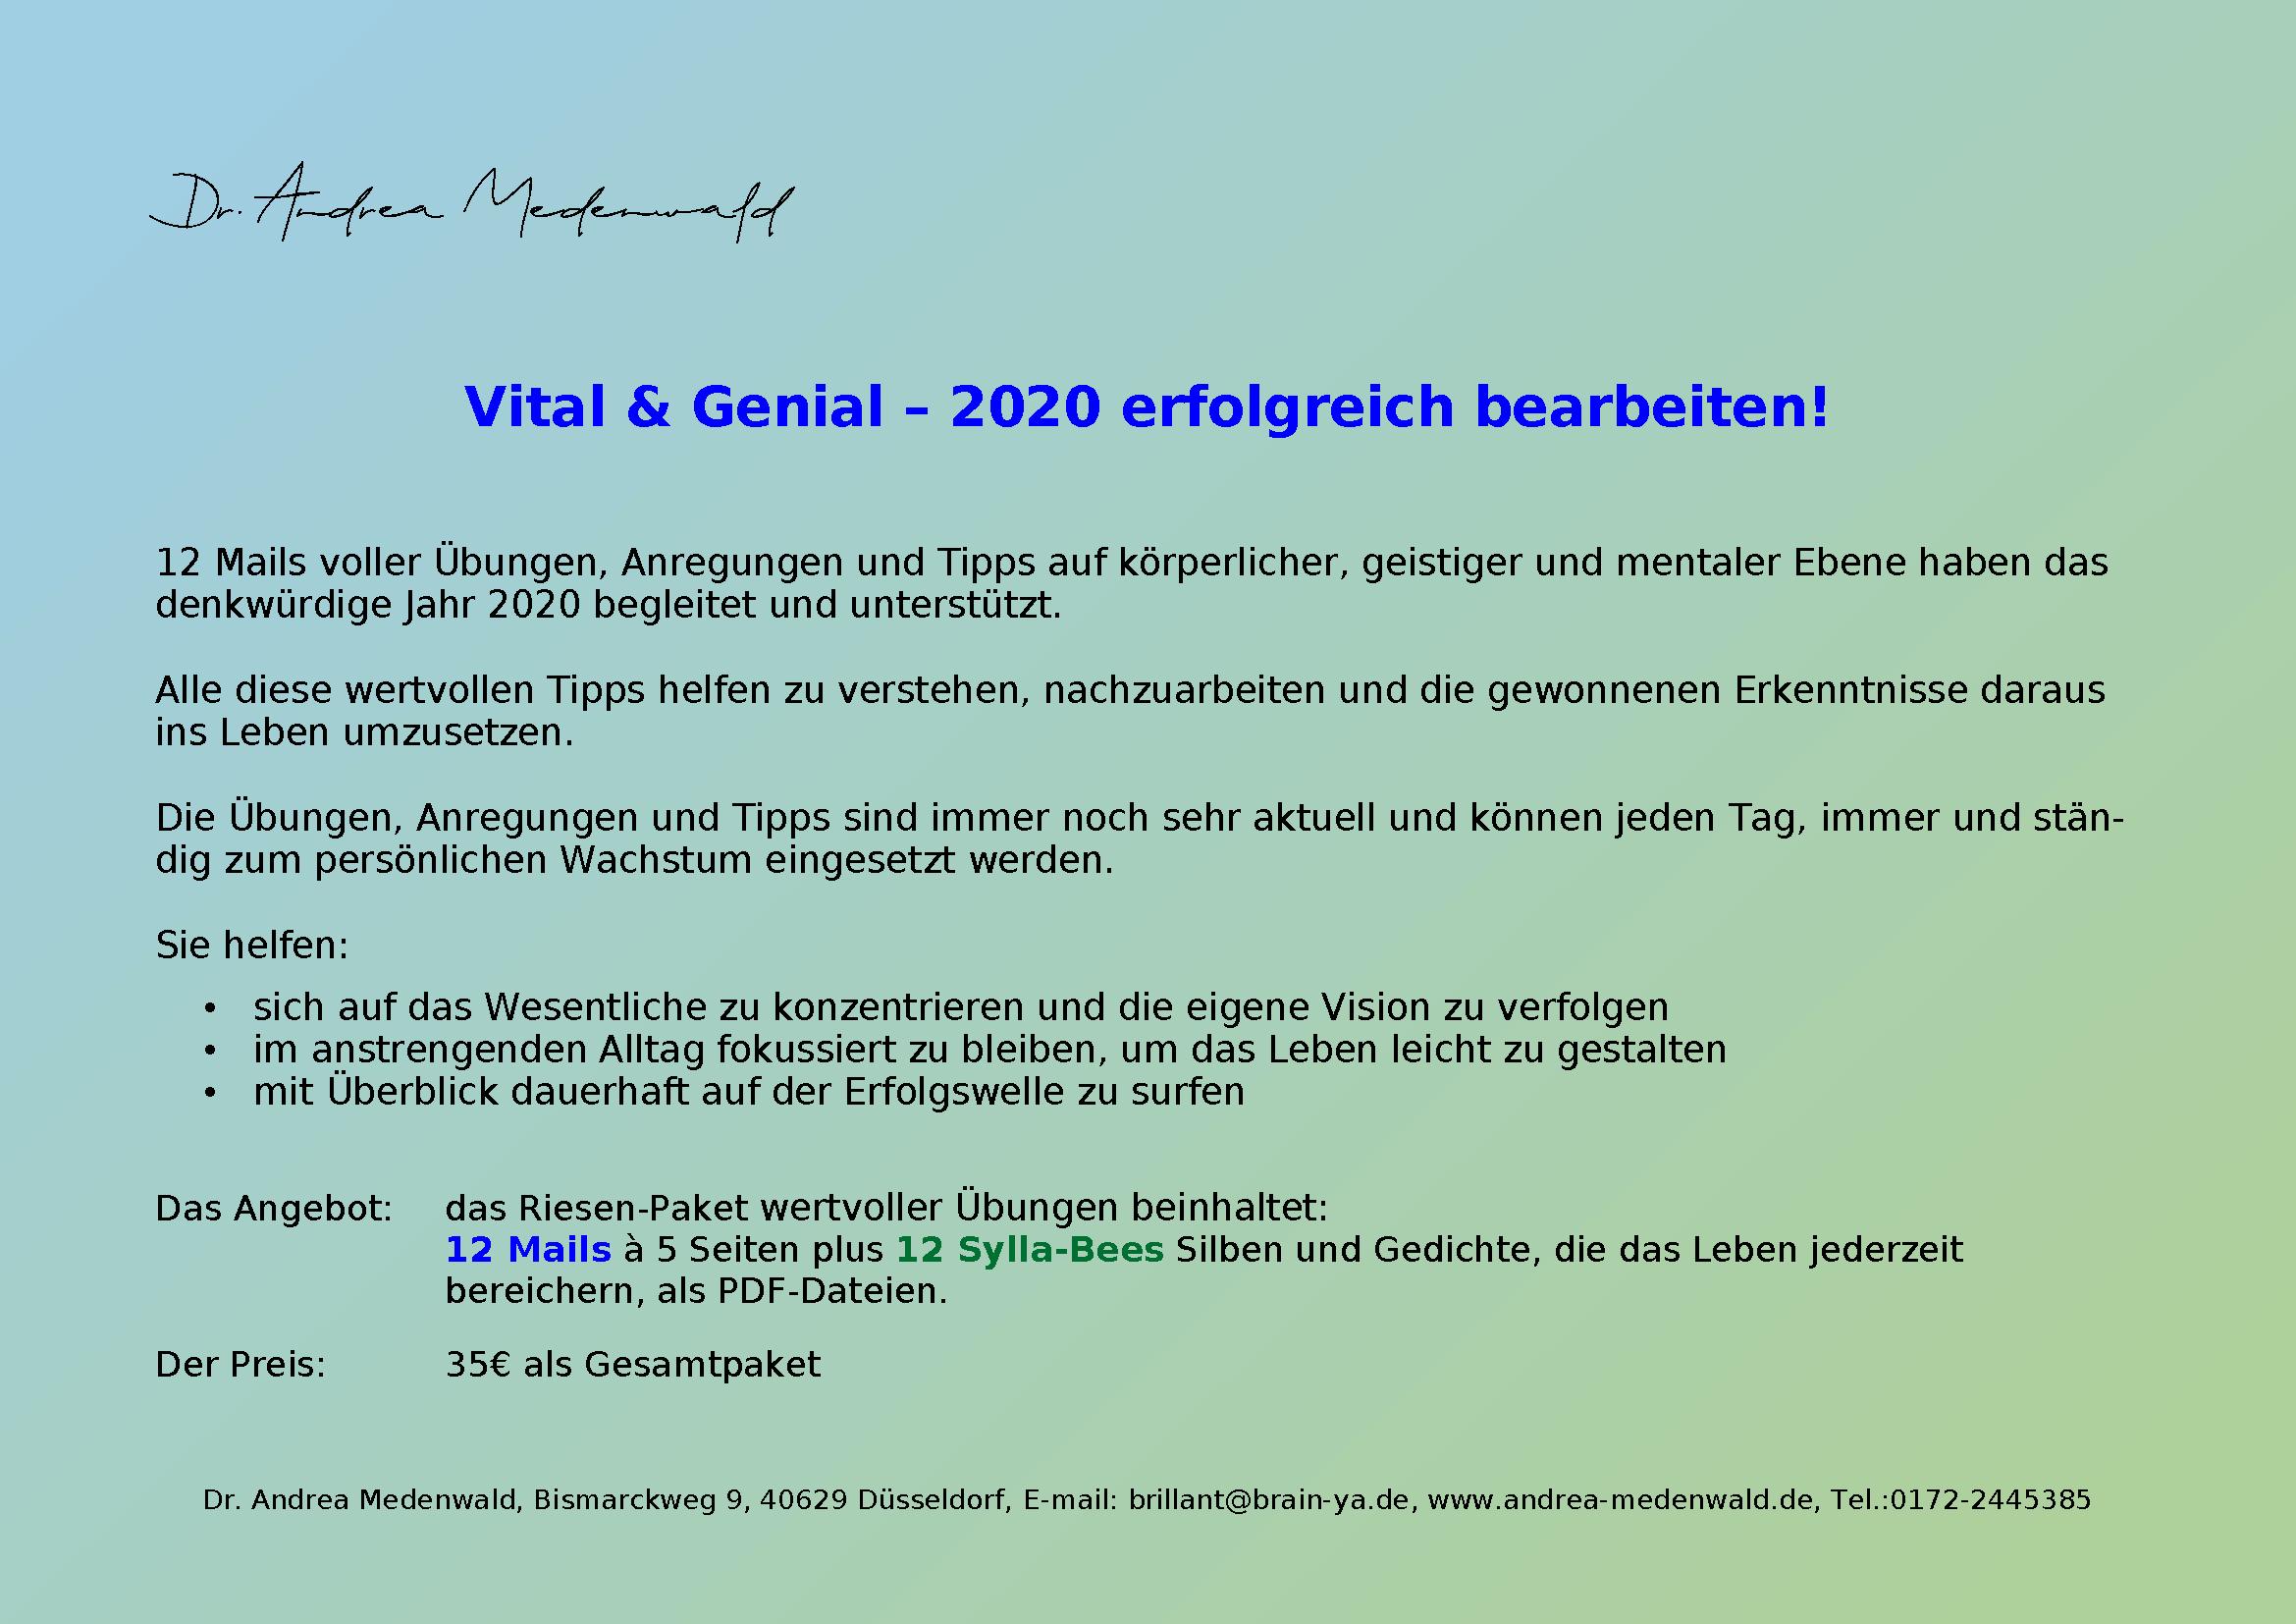 Vital & Genial 2020: 12 Mails voller Übungen, Anregungen und Tipps auf körperlicher, geistiger und mentaler Ebene